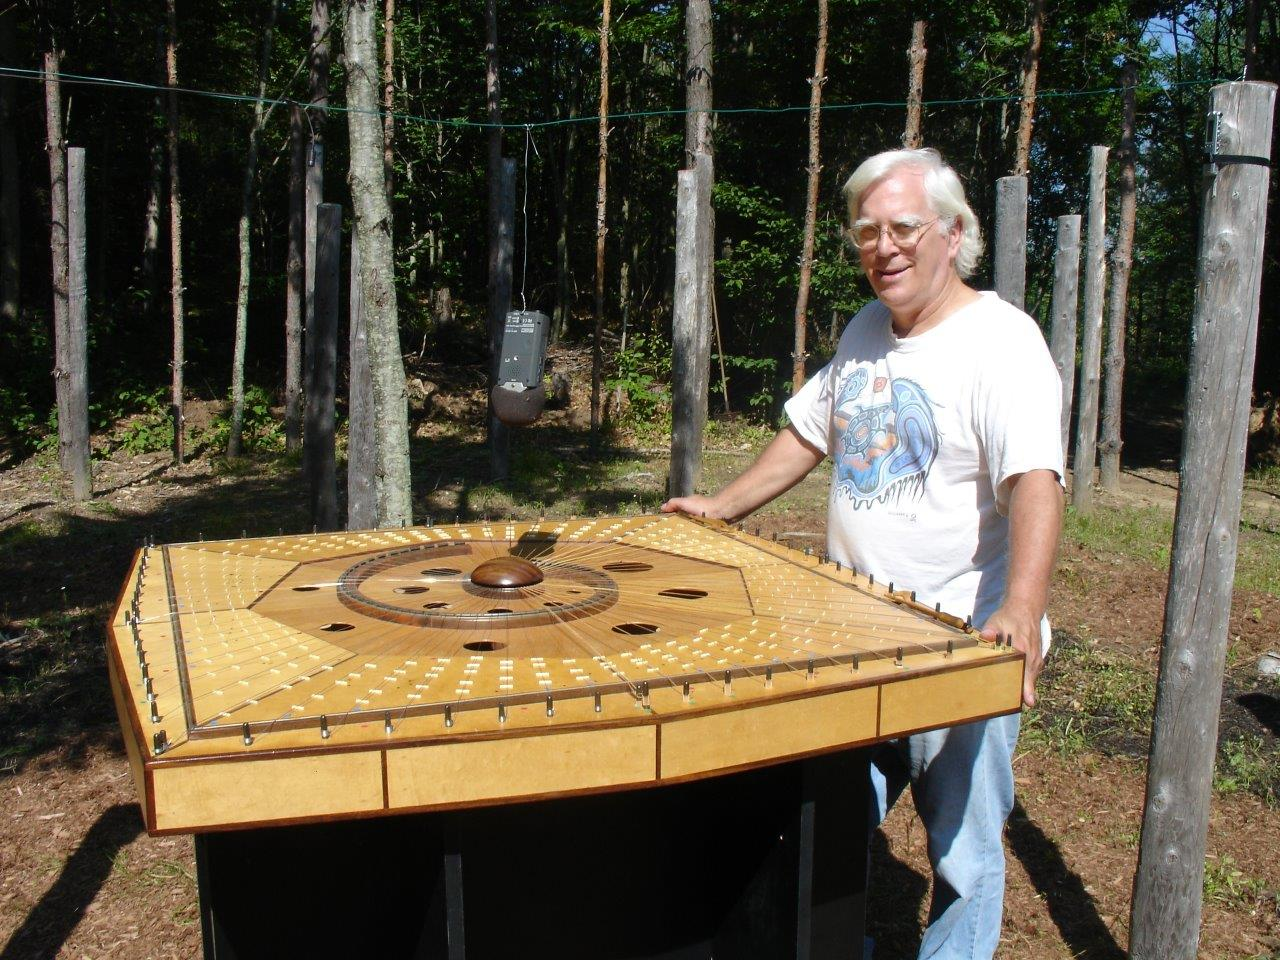 11a-Celestiall-Harp-Forest-Woodhenge-setup-241a